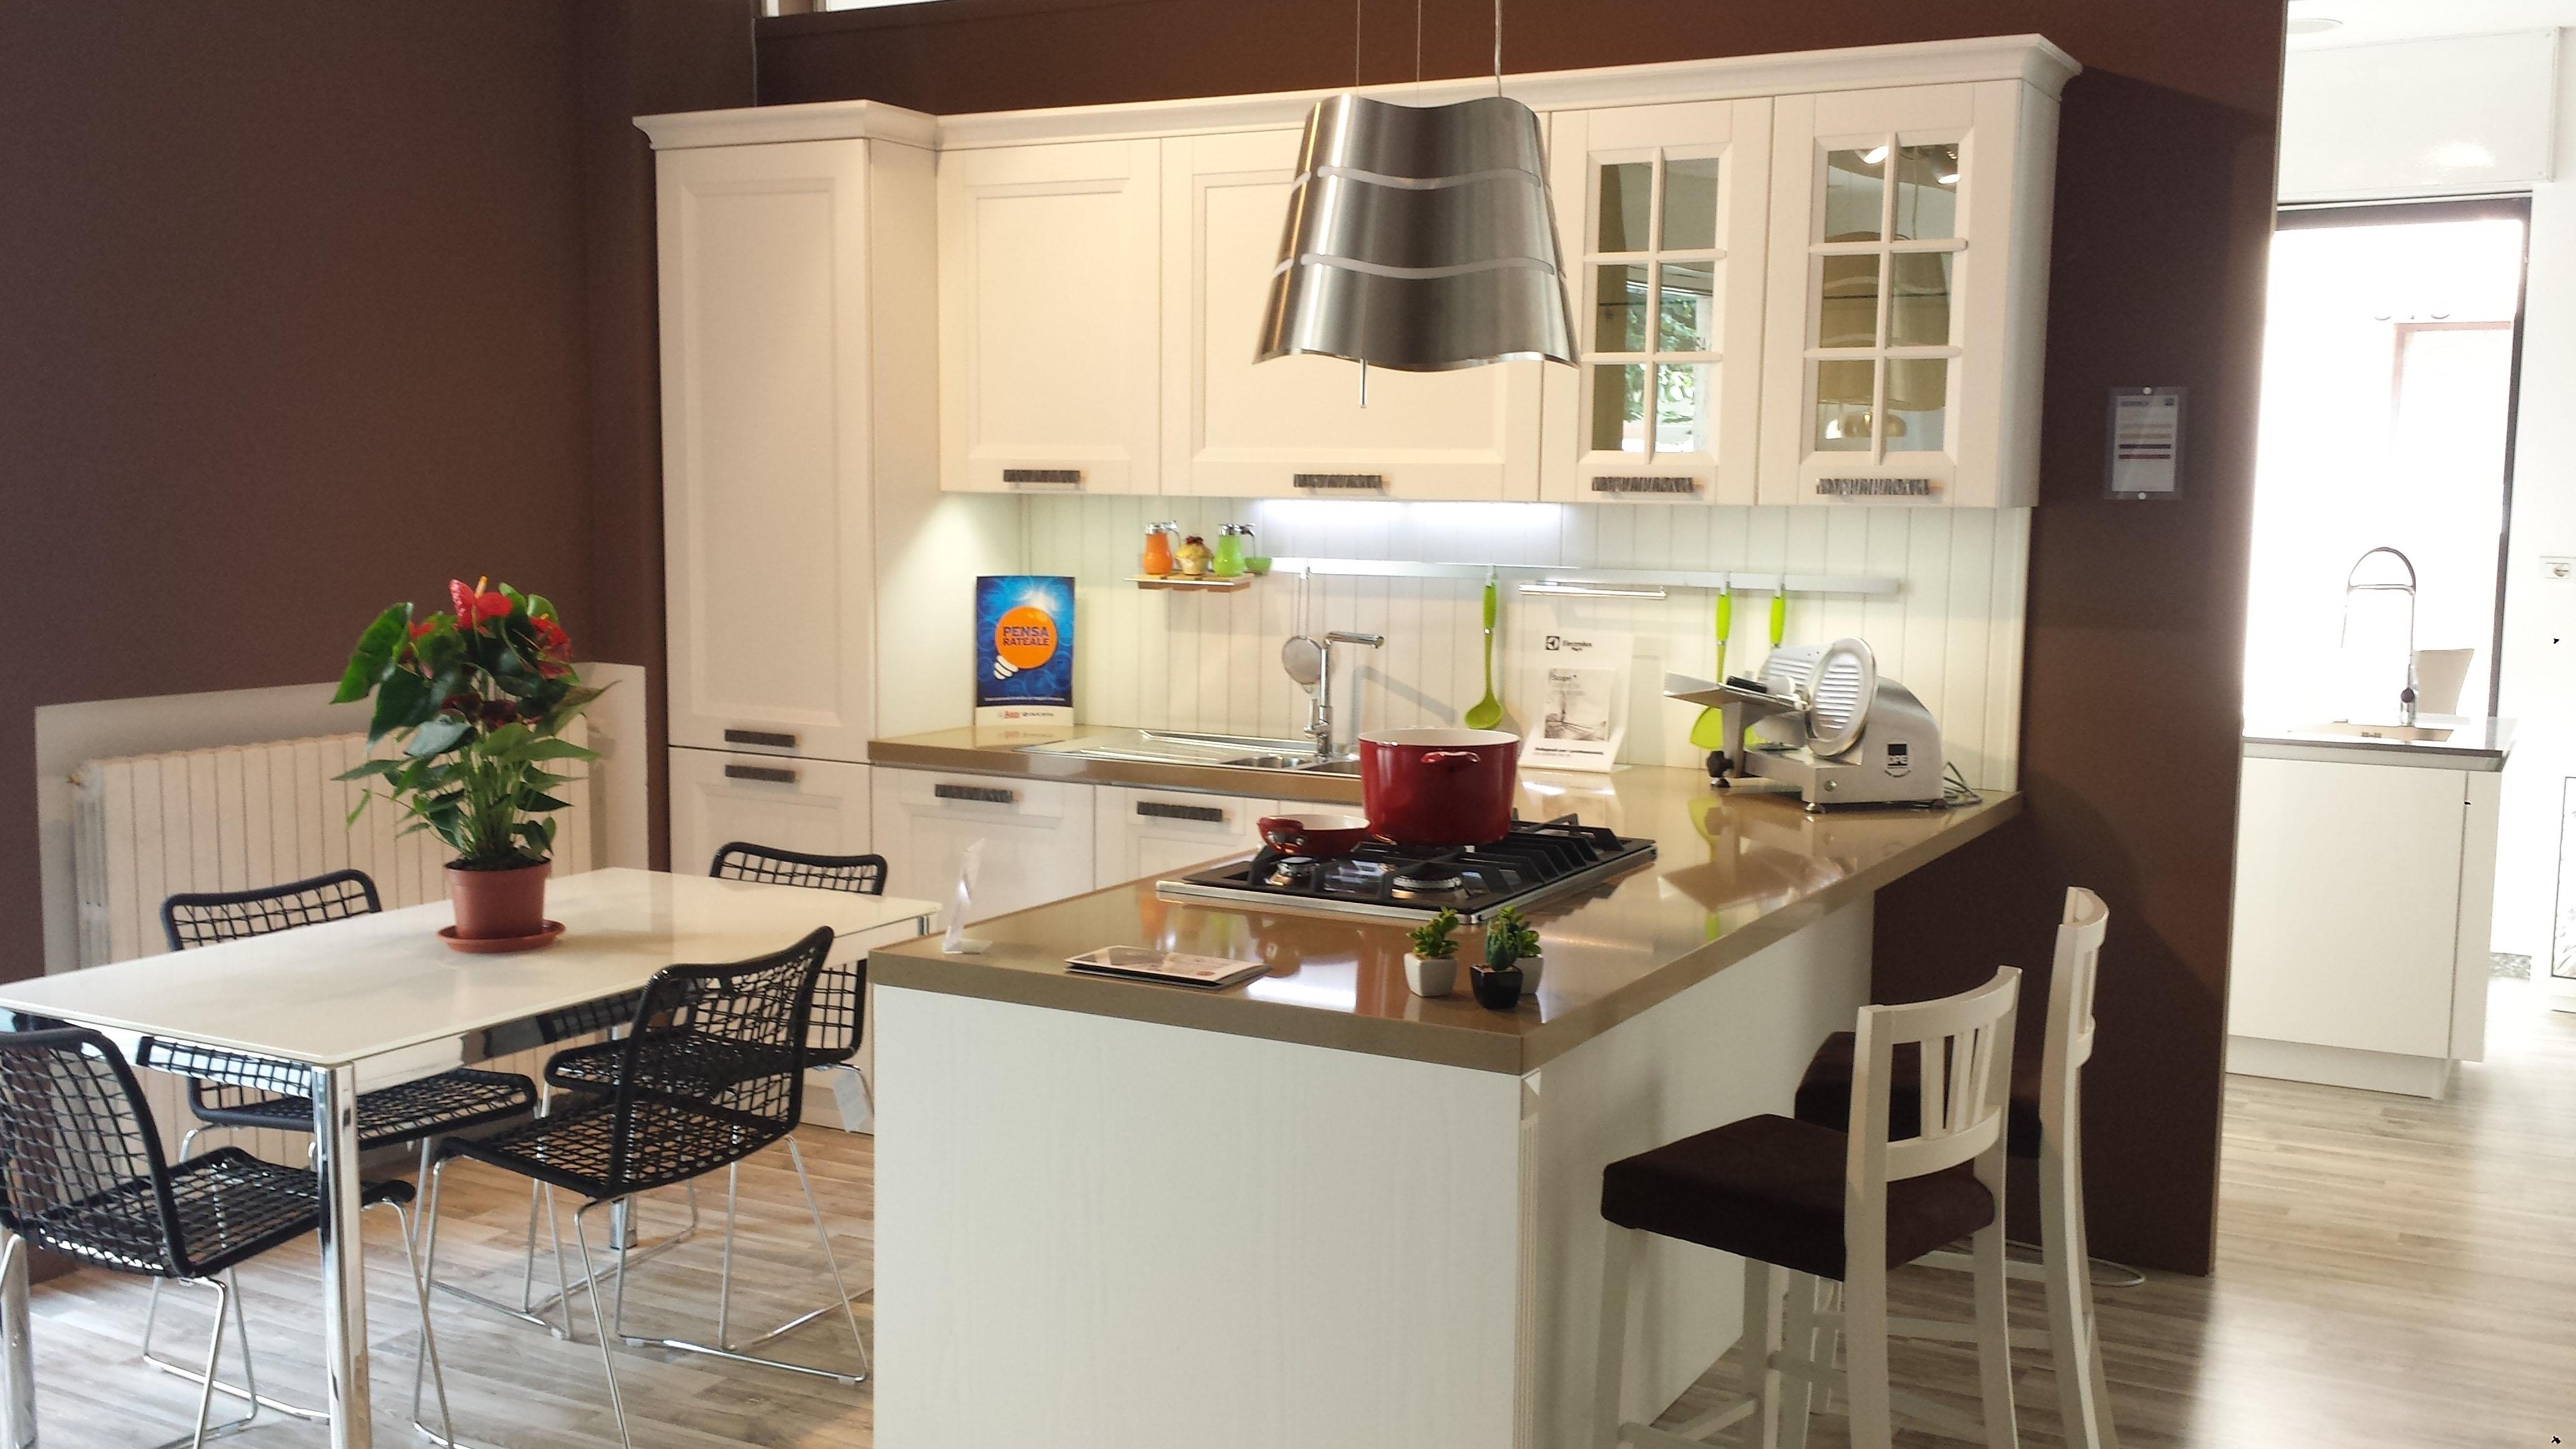 Cucina stosa beverly in offerta 22239 cucine a prezzi for Cucine in offerta prezzi